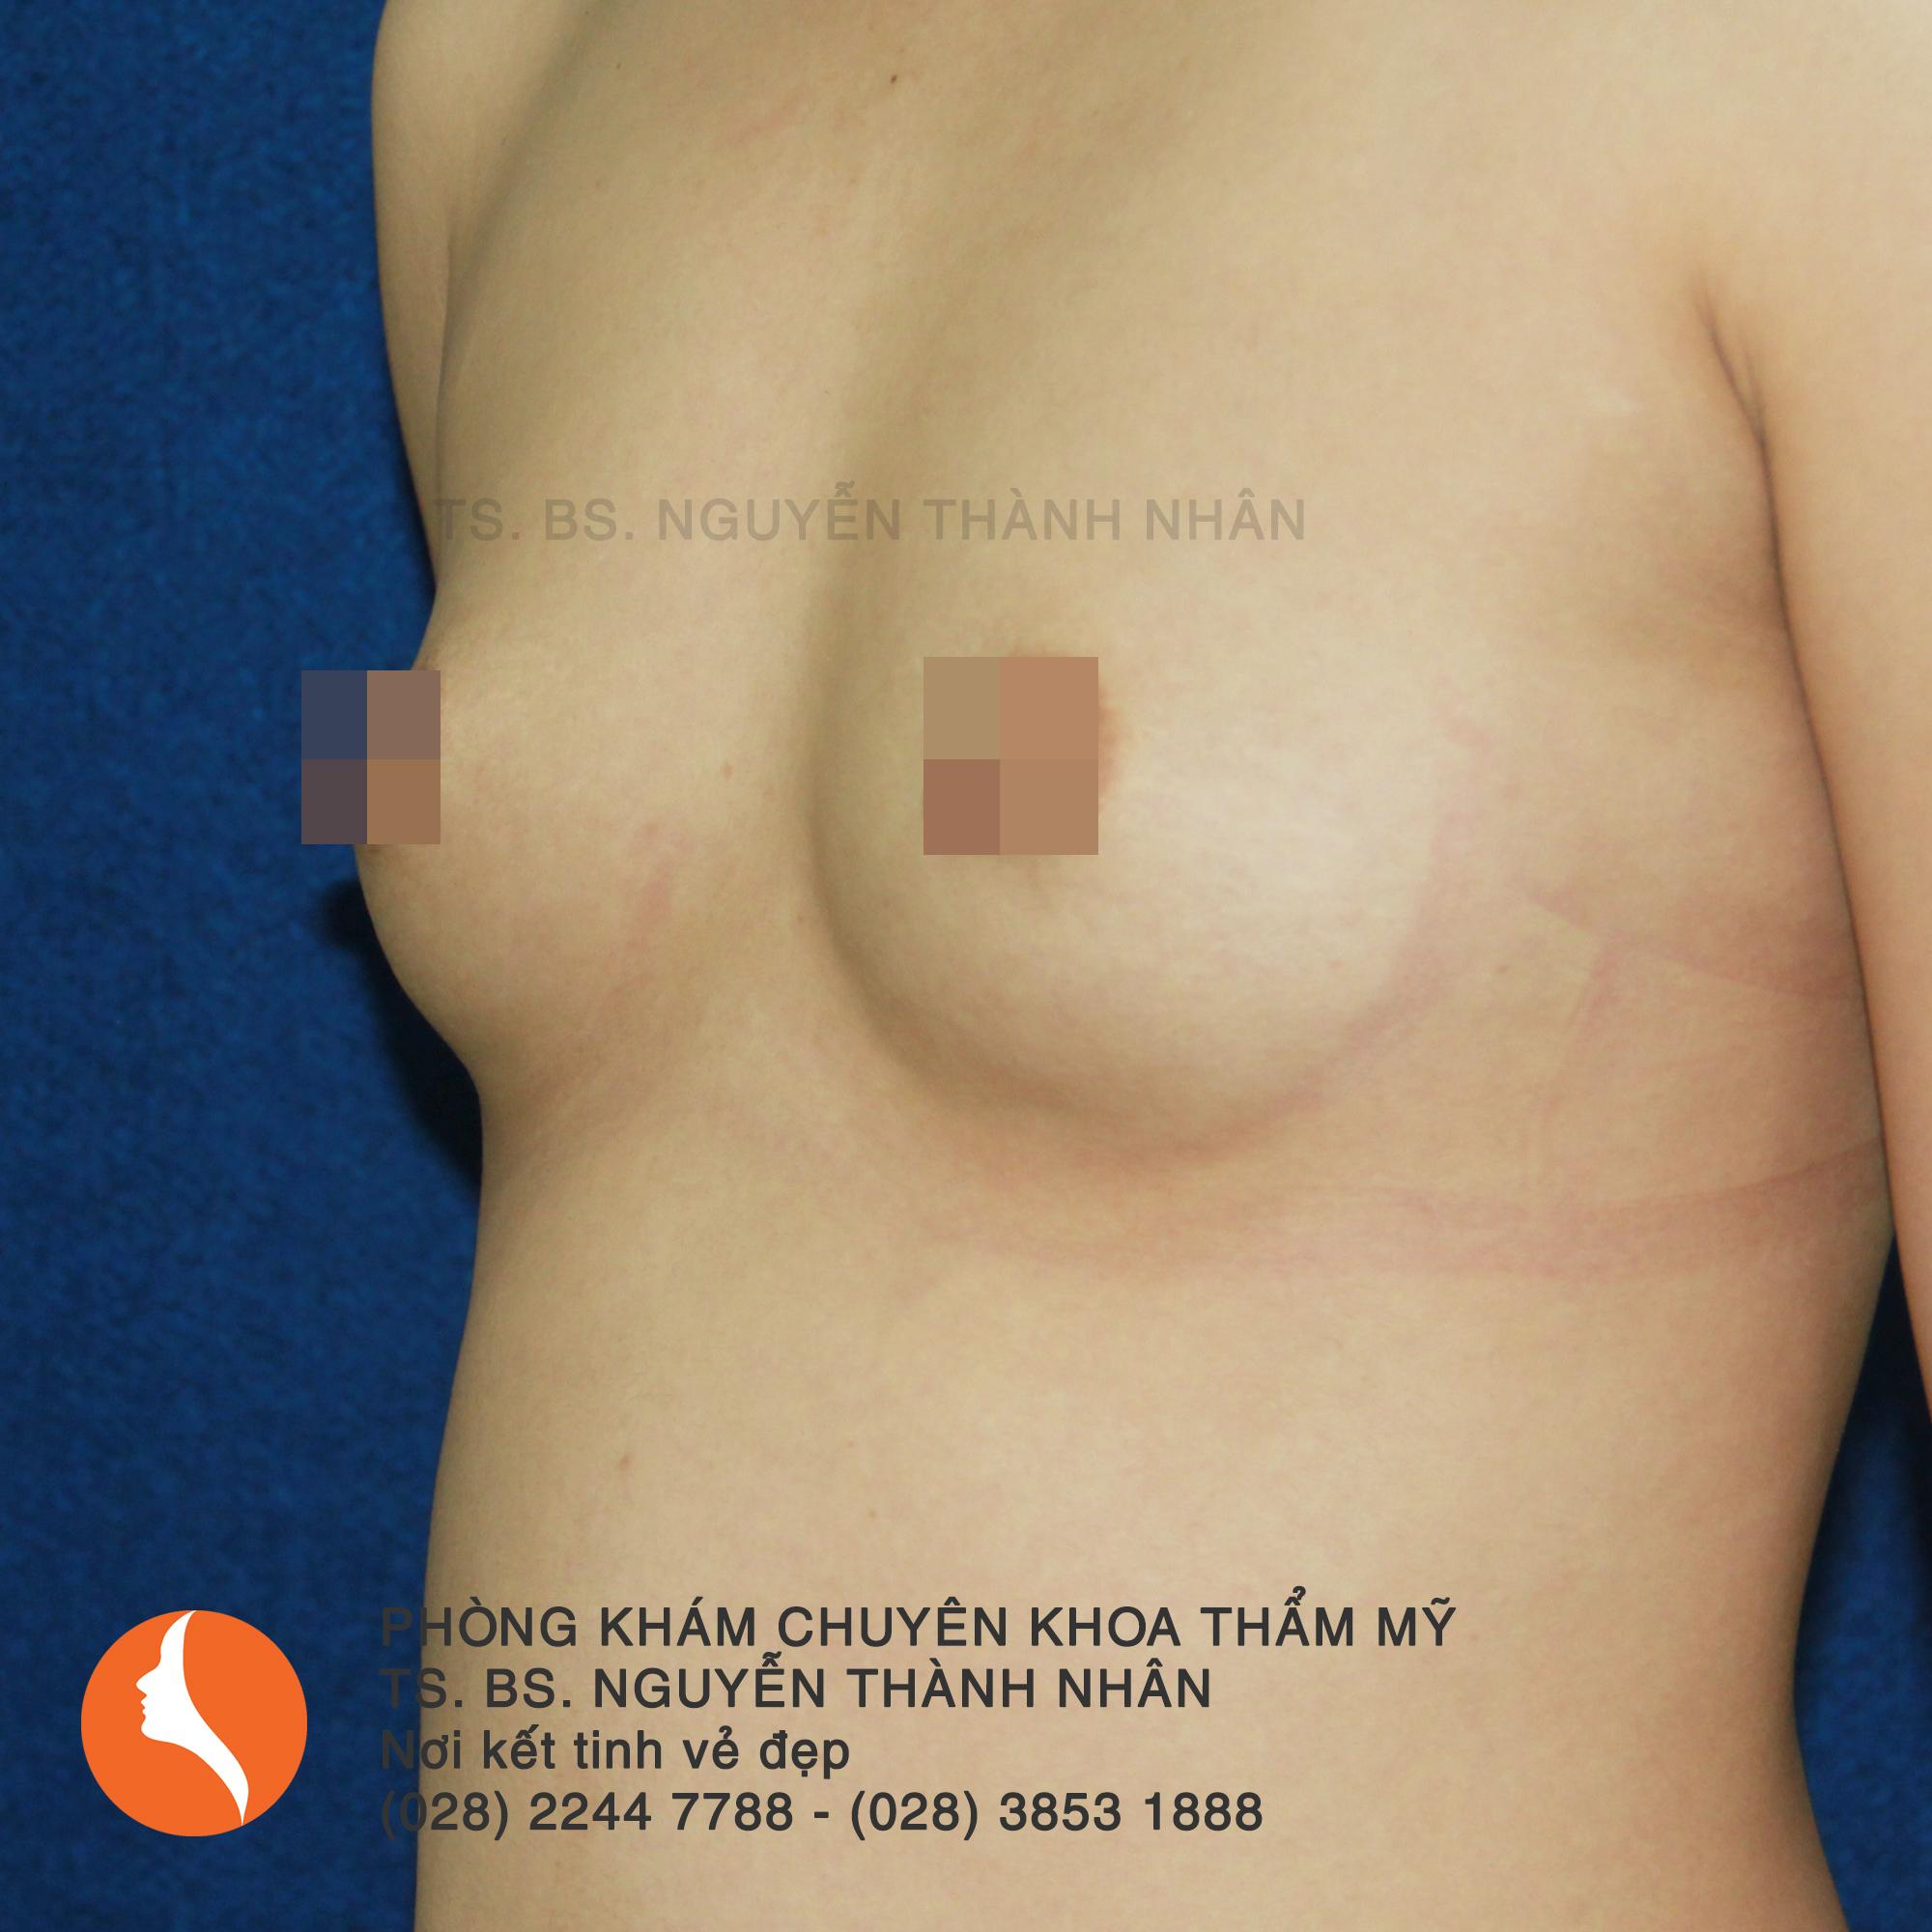 Ca 7: Trước phẫu thuật nâng ngực